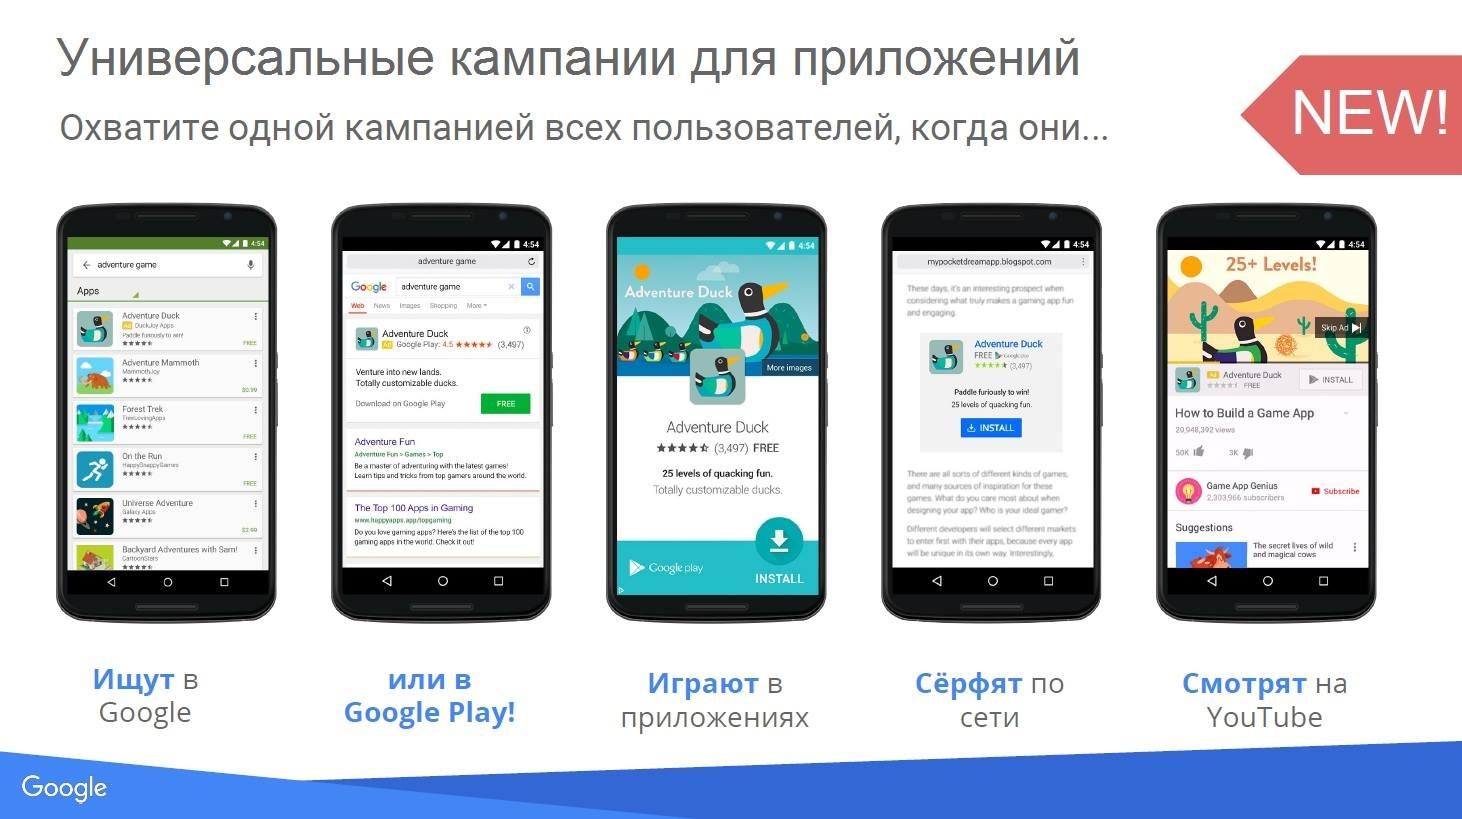 Рекламная кампания, реклама в интернете, Google Ads, Google AdWords, реклама мобильных приложений